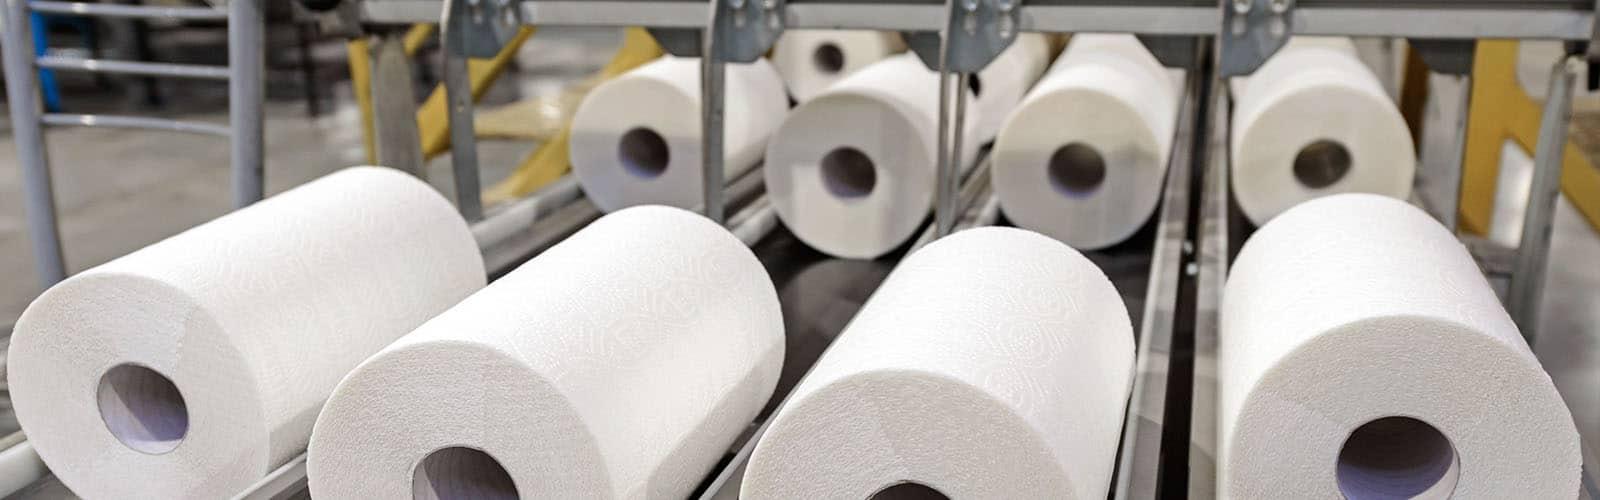 papier-producten-productie-goedkoop-betaalbaar